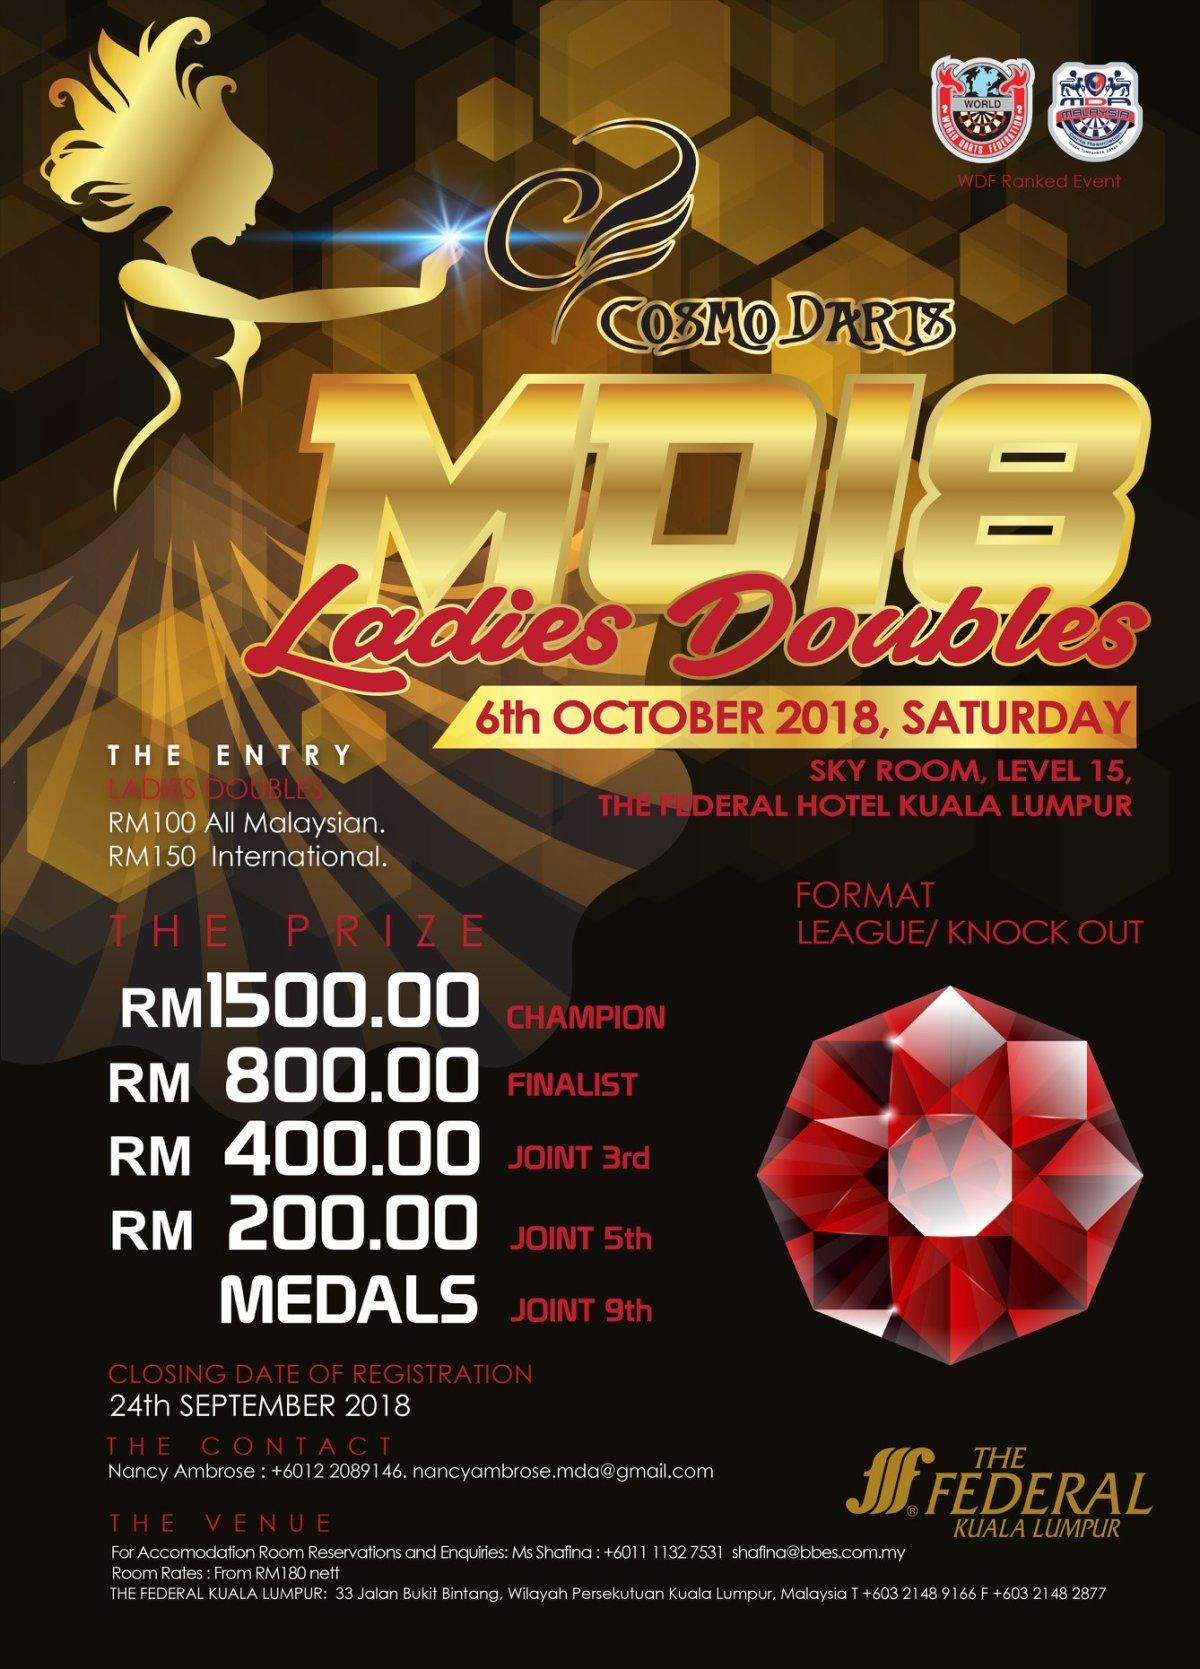 MO18 Ladies Doubles